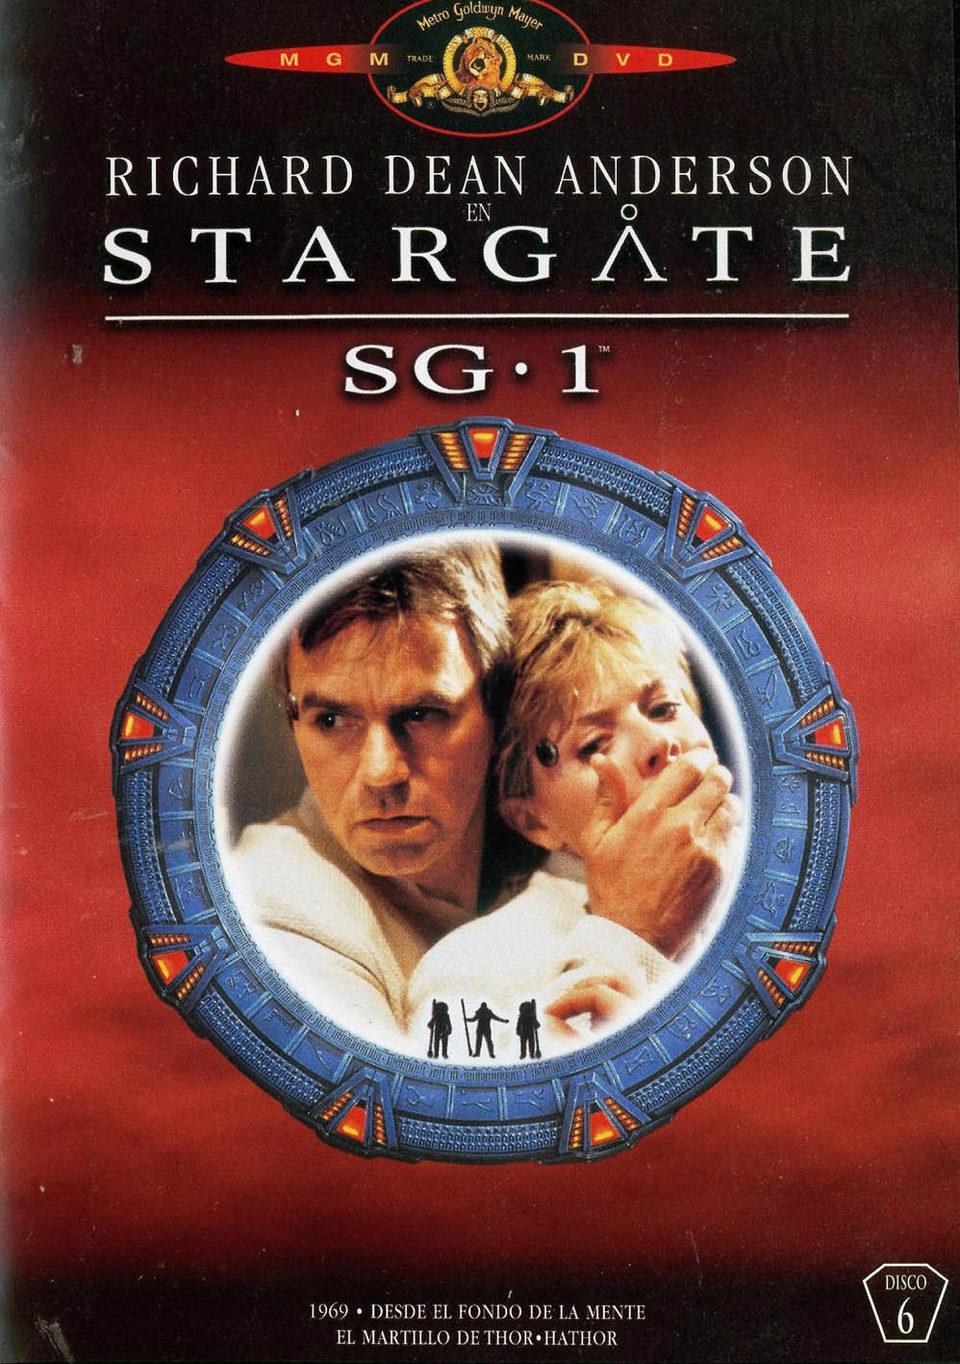 Cartel Temporada 2 de 'Stargate SG-1'